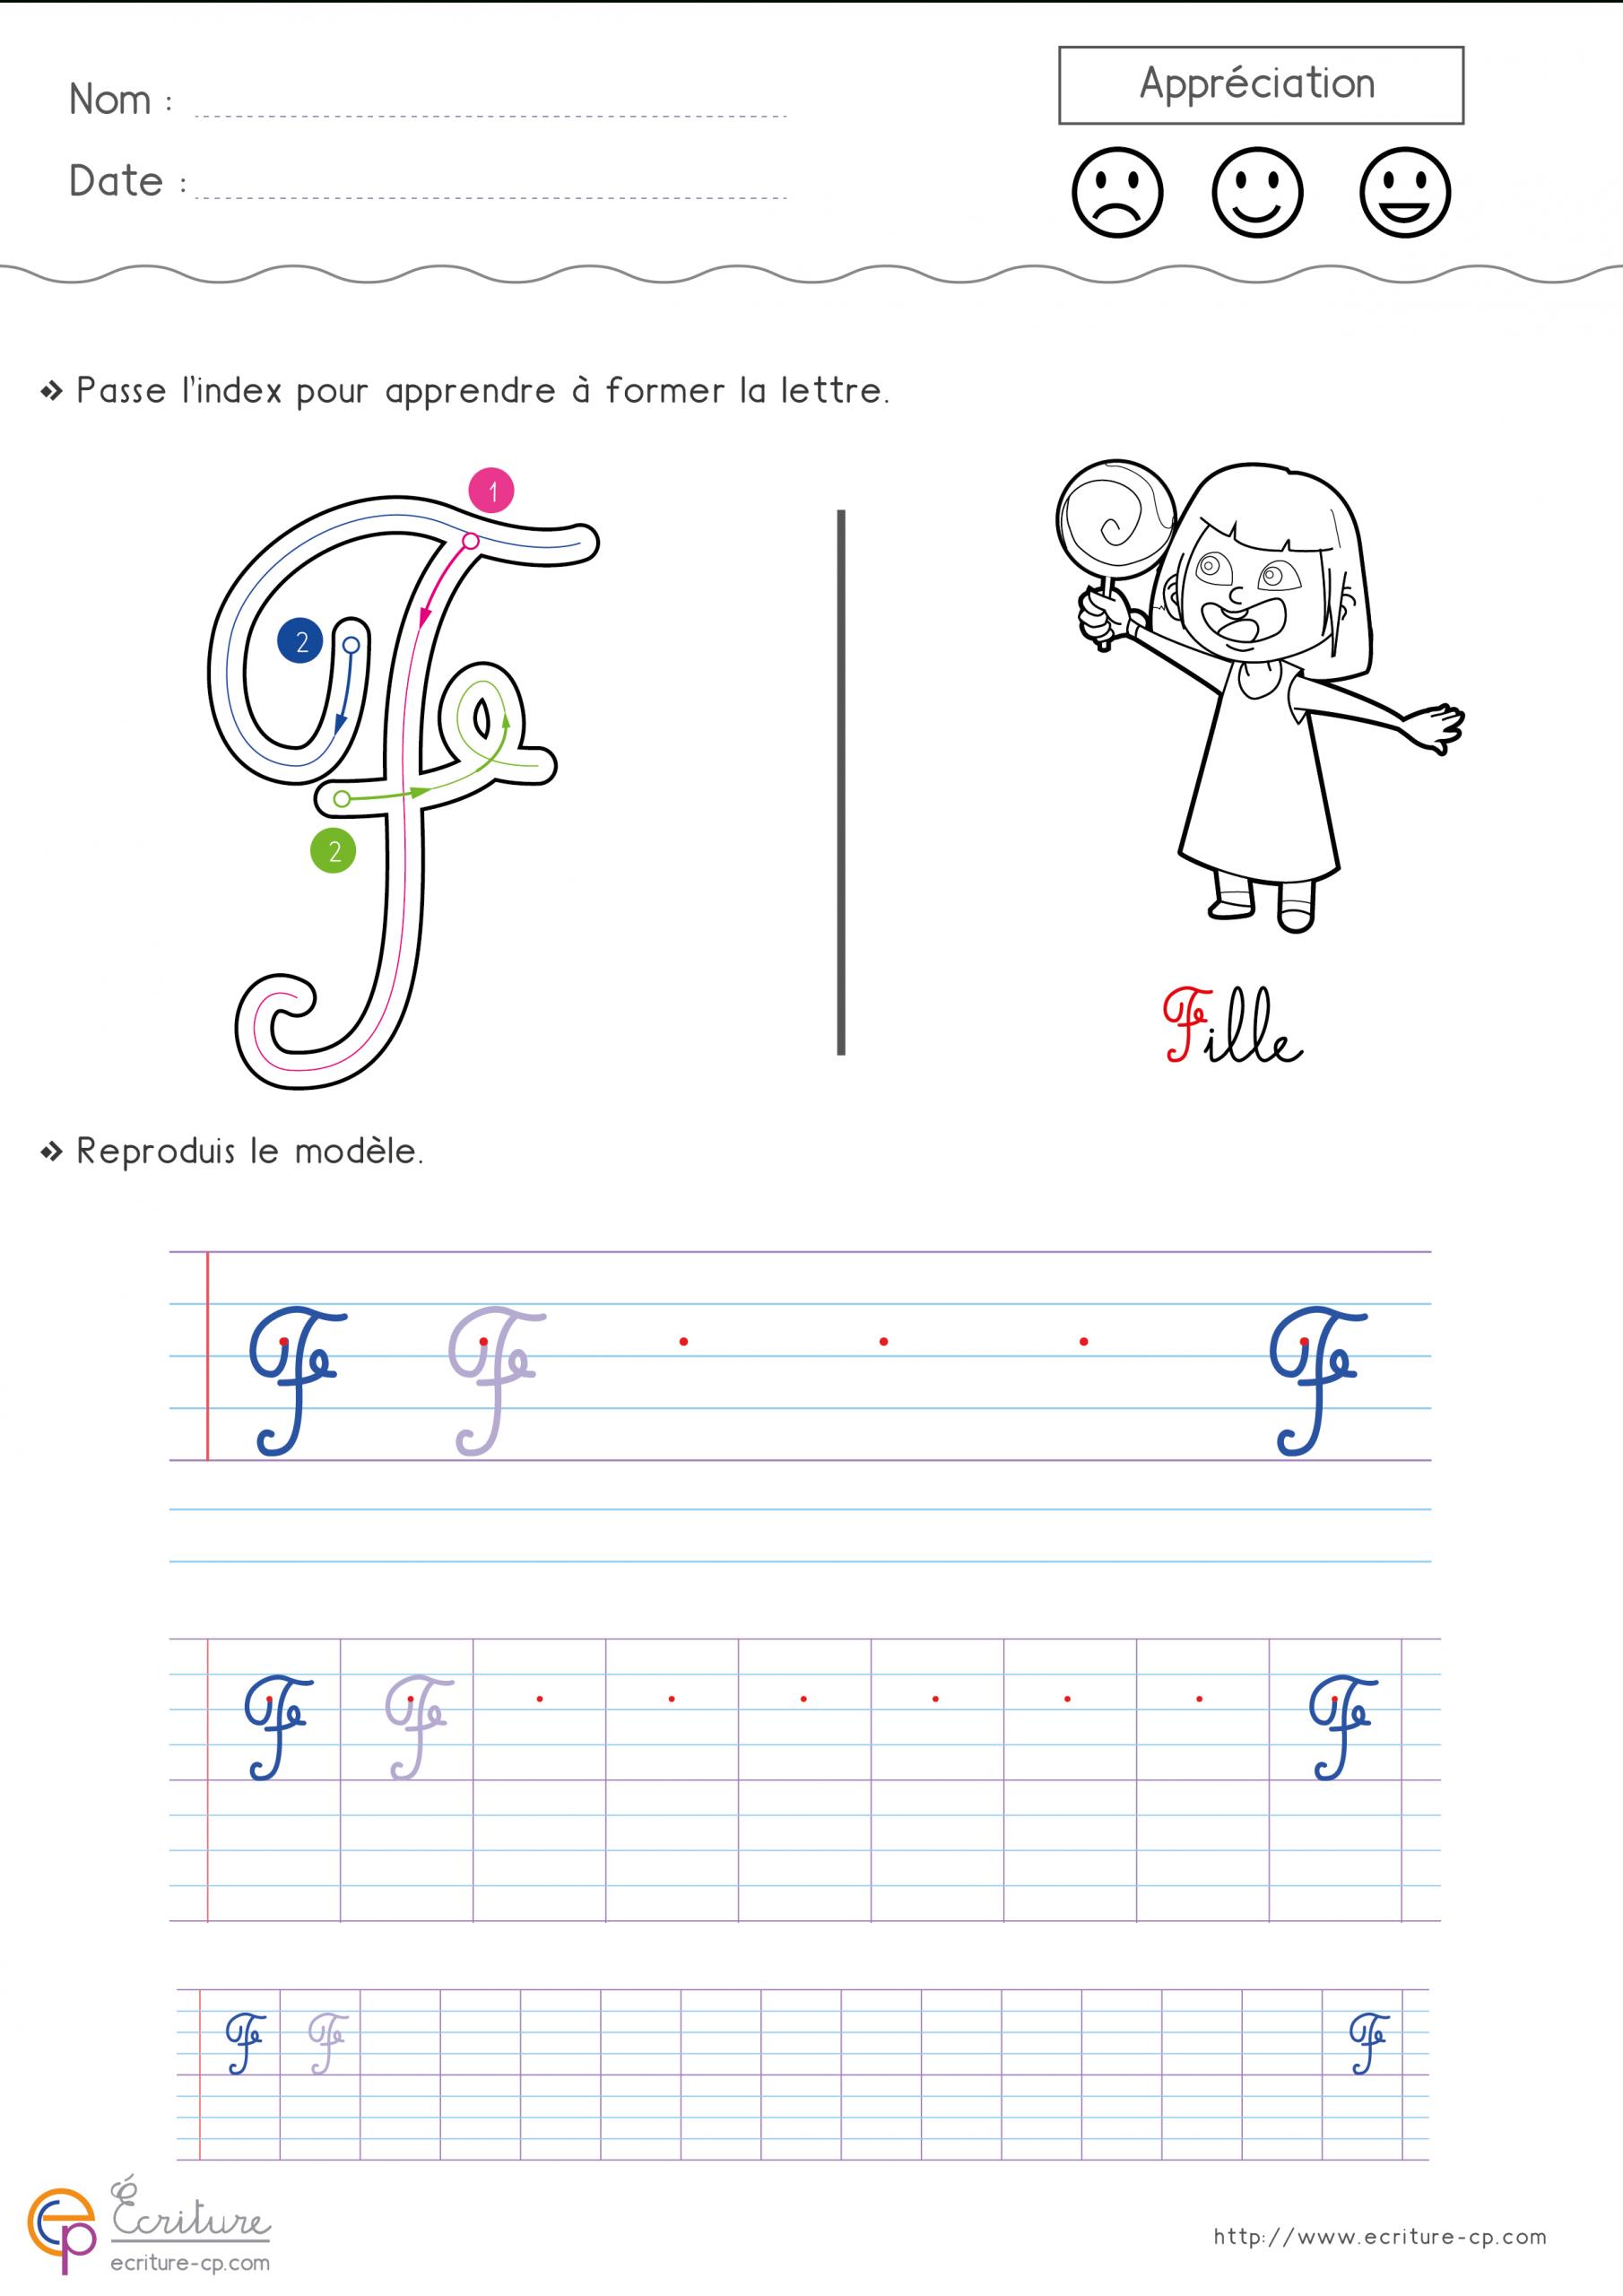 Écrire La Lettre F En Minuscule Et En Majuscule | Écriture dedans Apprendre A Ecrire Les Lettres En Majuscule